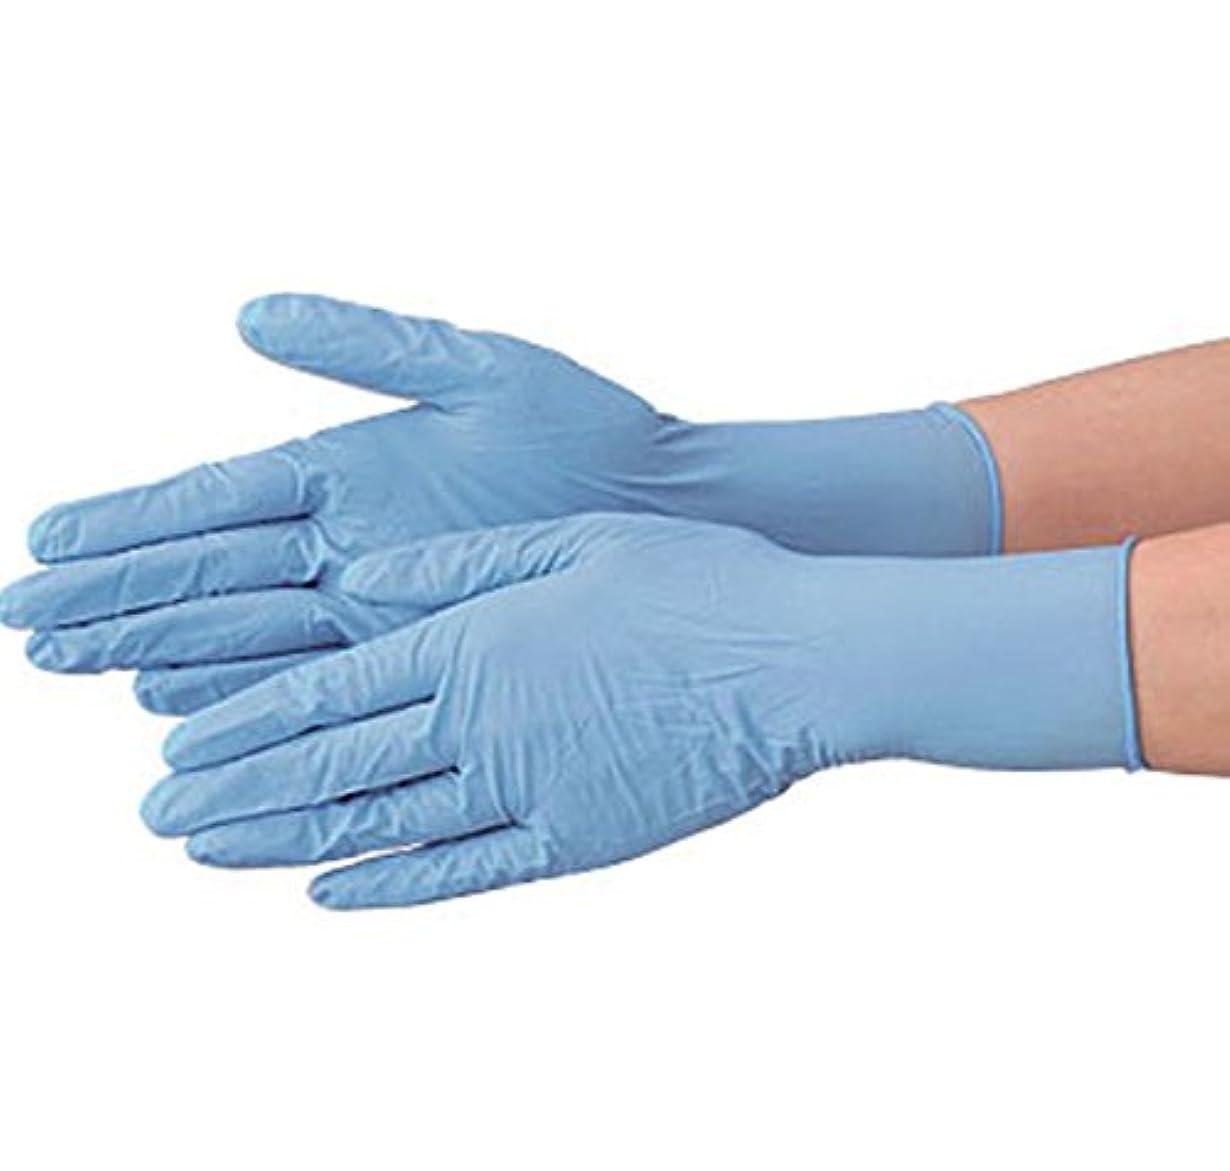 同一性思いやりペンフレンド使い捨て 手袋 エブノ 575 ニトリルNEOプラス ブルー Lサイズ パウダーフリー 2ケース(100枚×40箱)